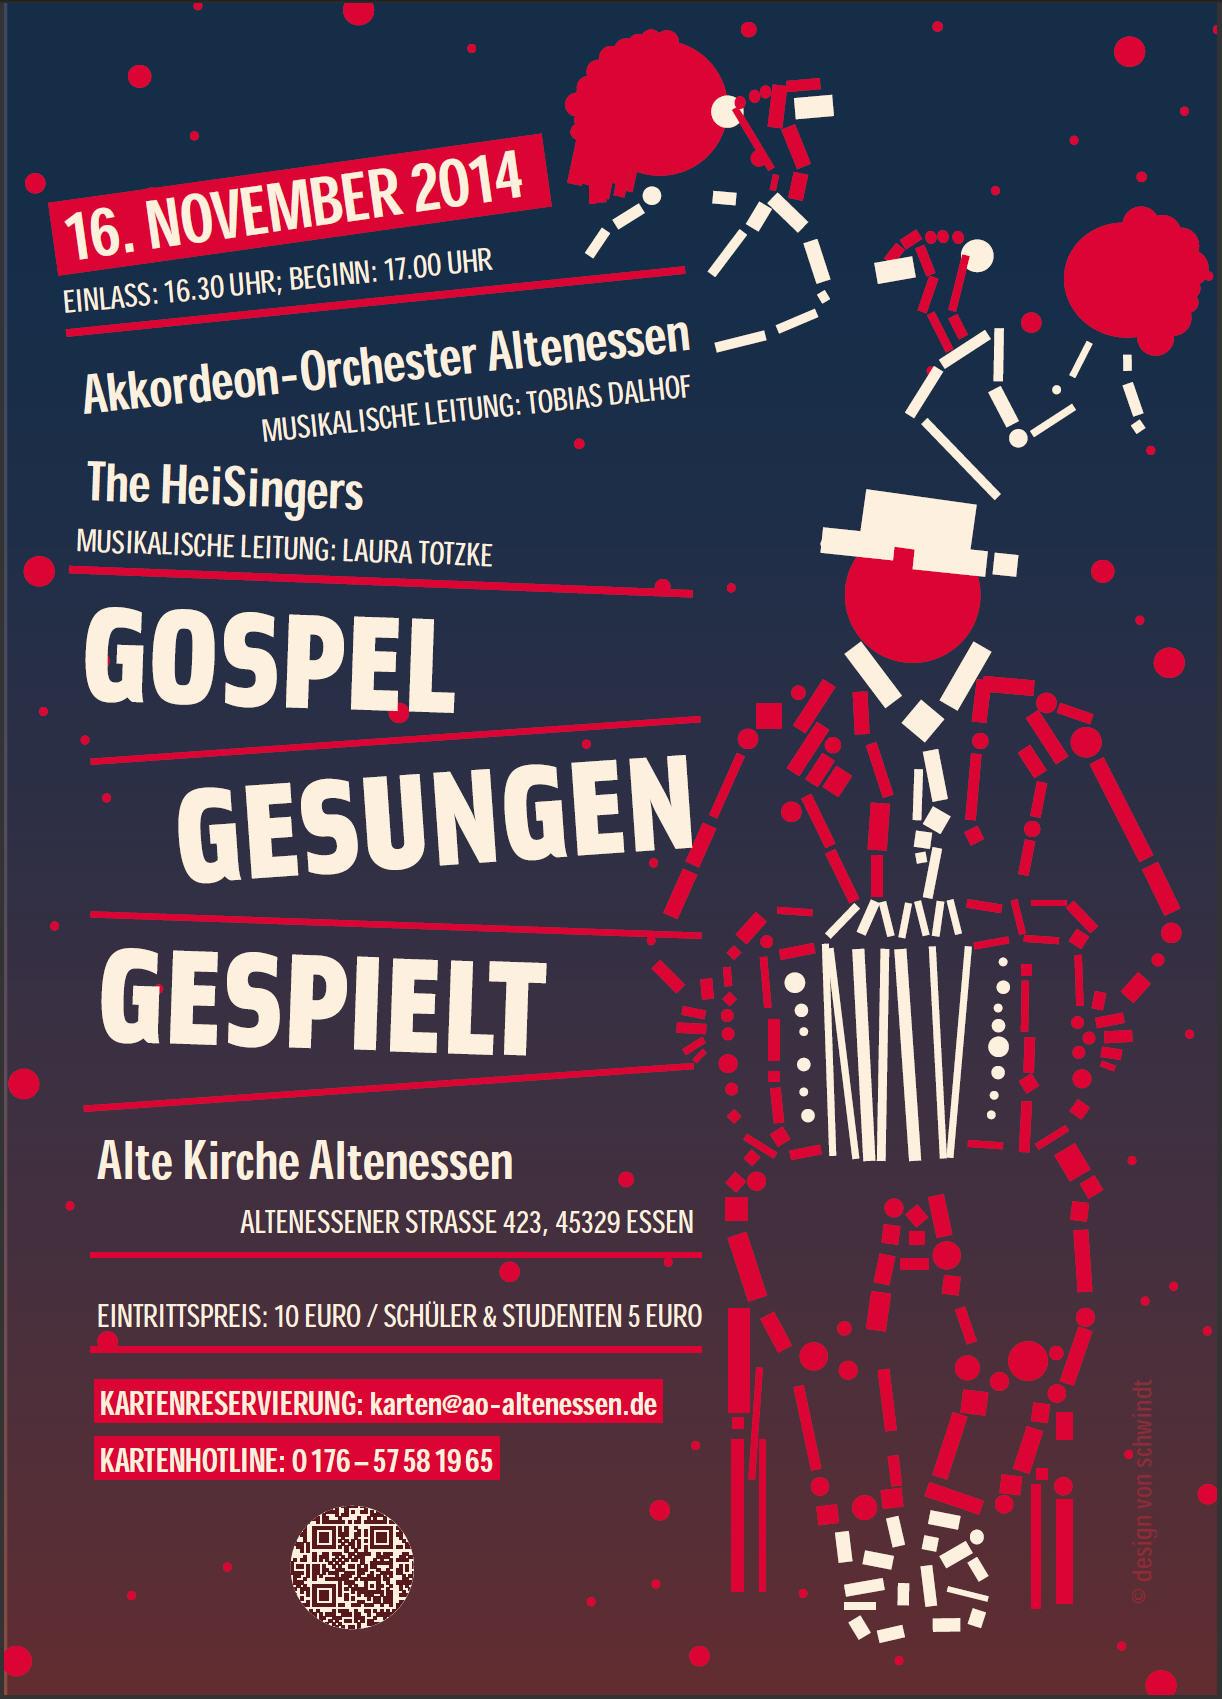 Gospel_Gespielt_Gesungen_2014